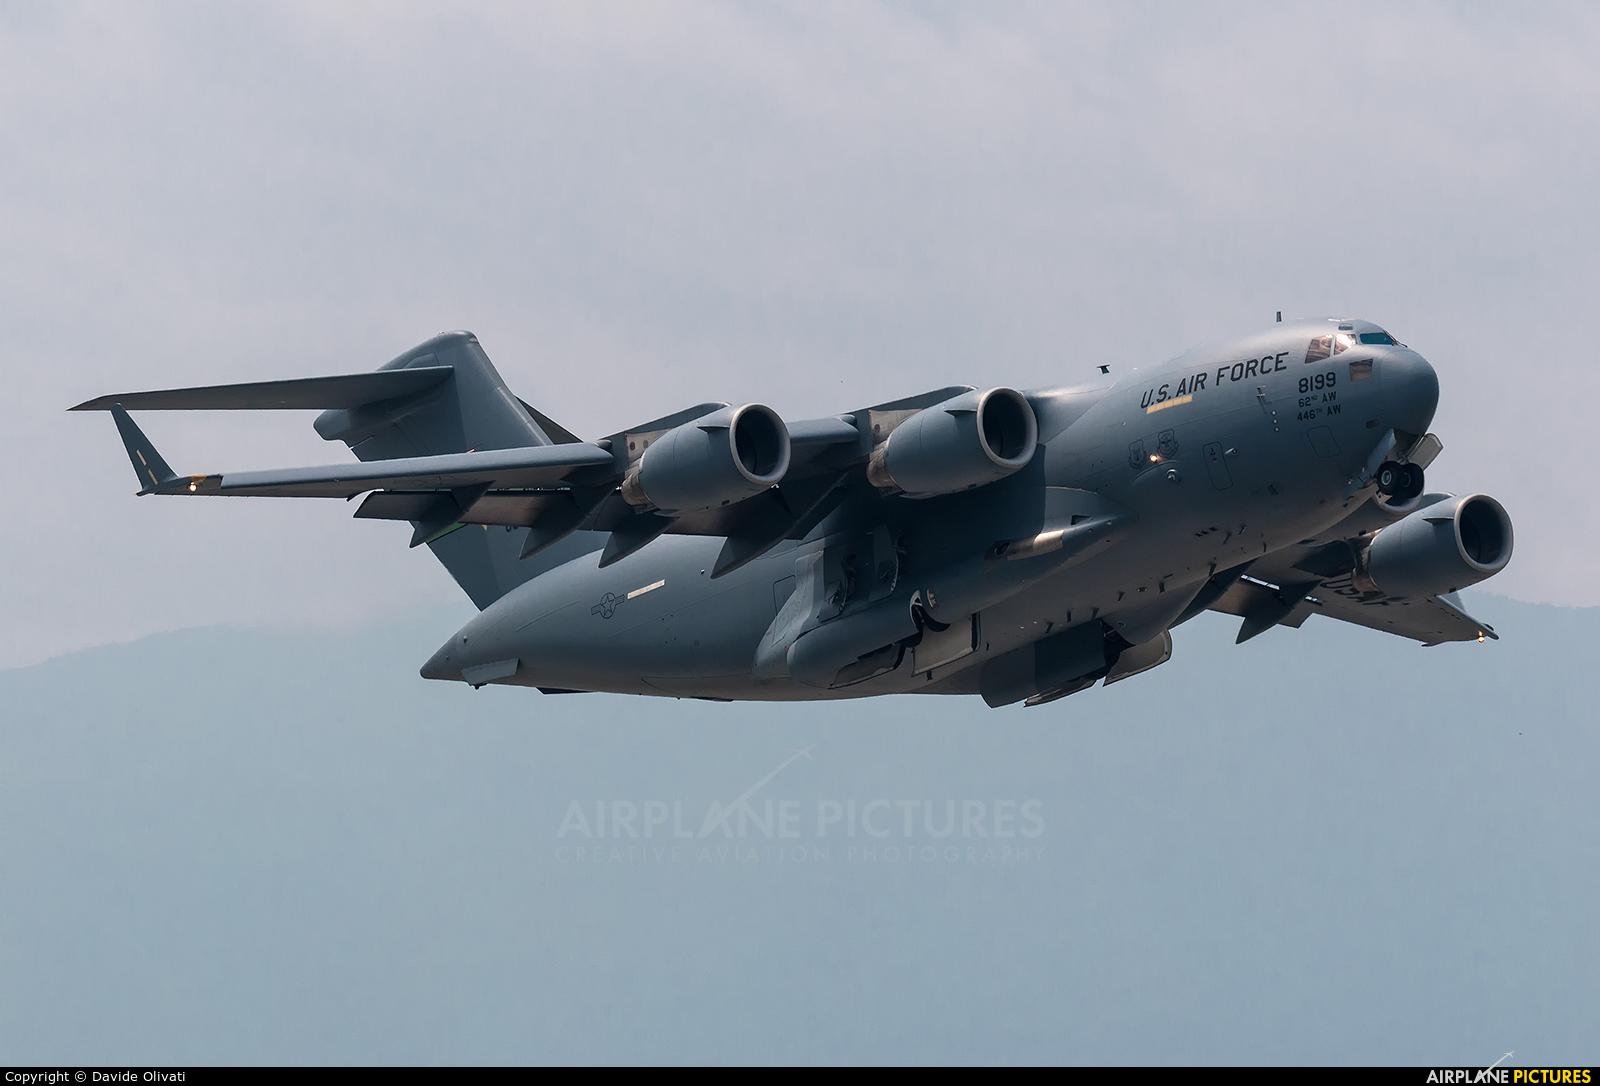 USA - Air Force 08-8199 aircraft at Aviano